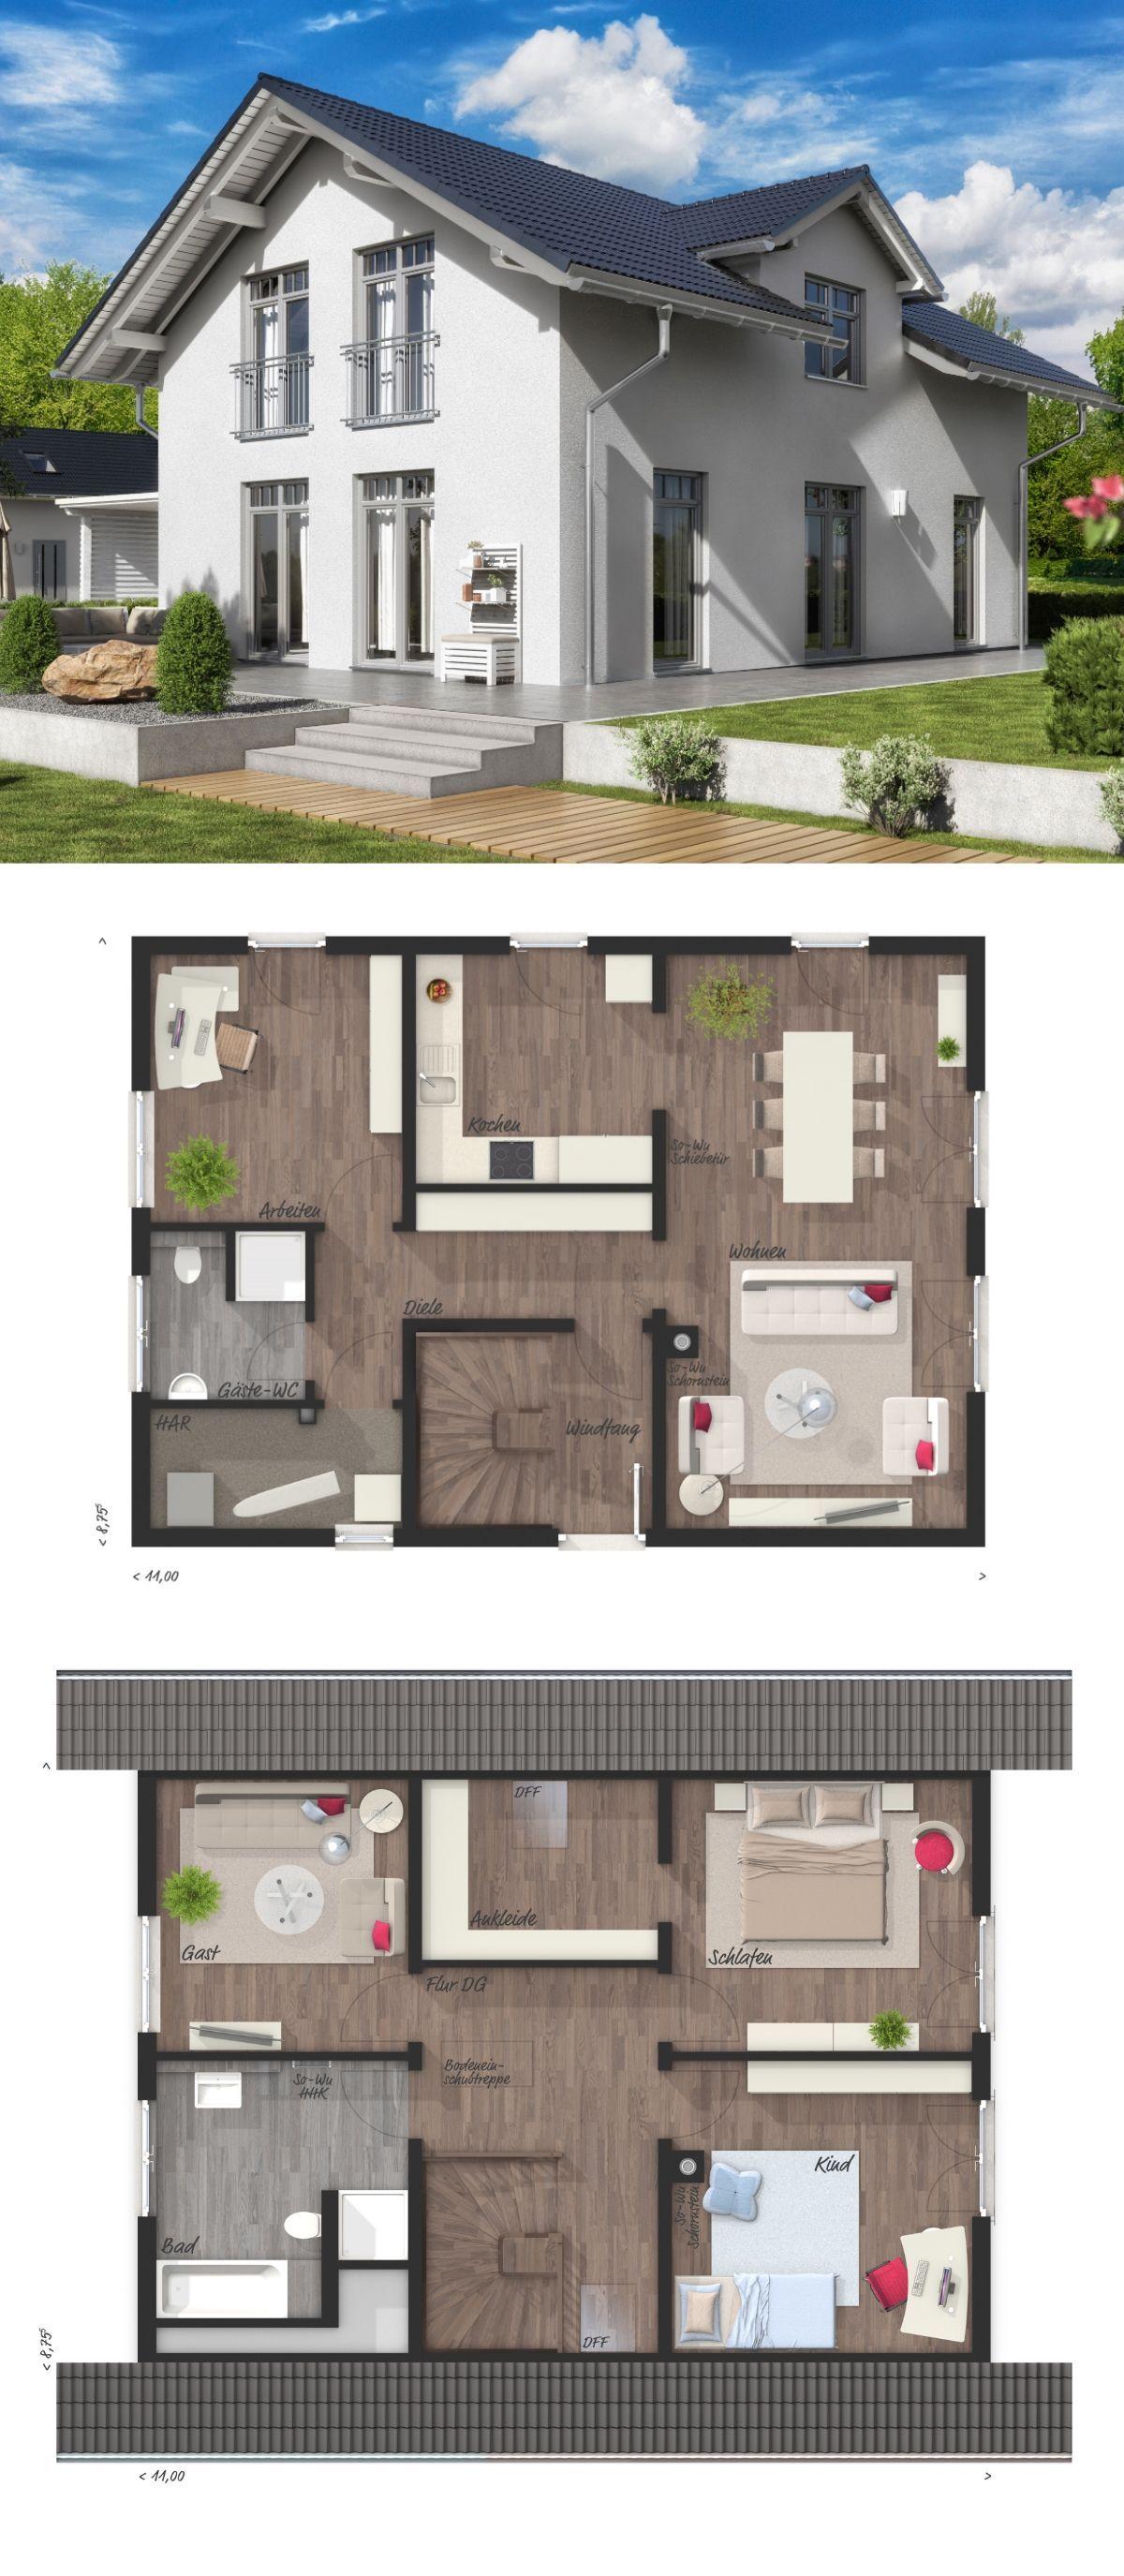 Photo of Einfamilienhaus im Alpenstil – BODENSEE 129 Süd – Town & Country Haus | HausbauDirekt